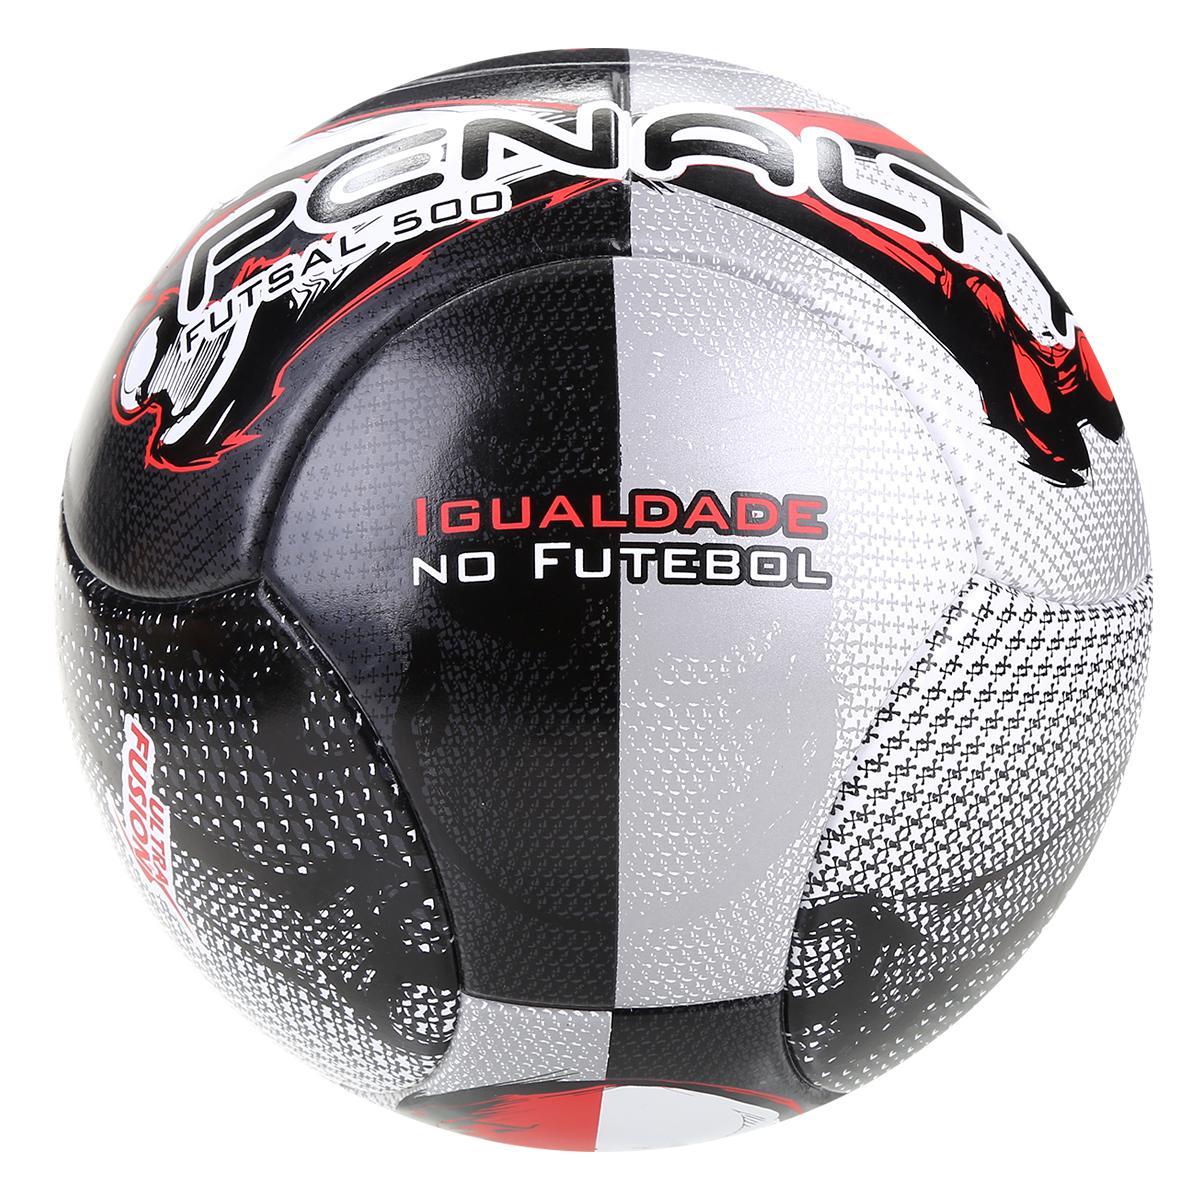 37635d61ea44a Bola futsal penalty manifesto viii - preto - Bola de Futsal ...